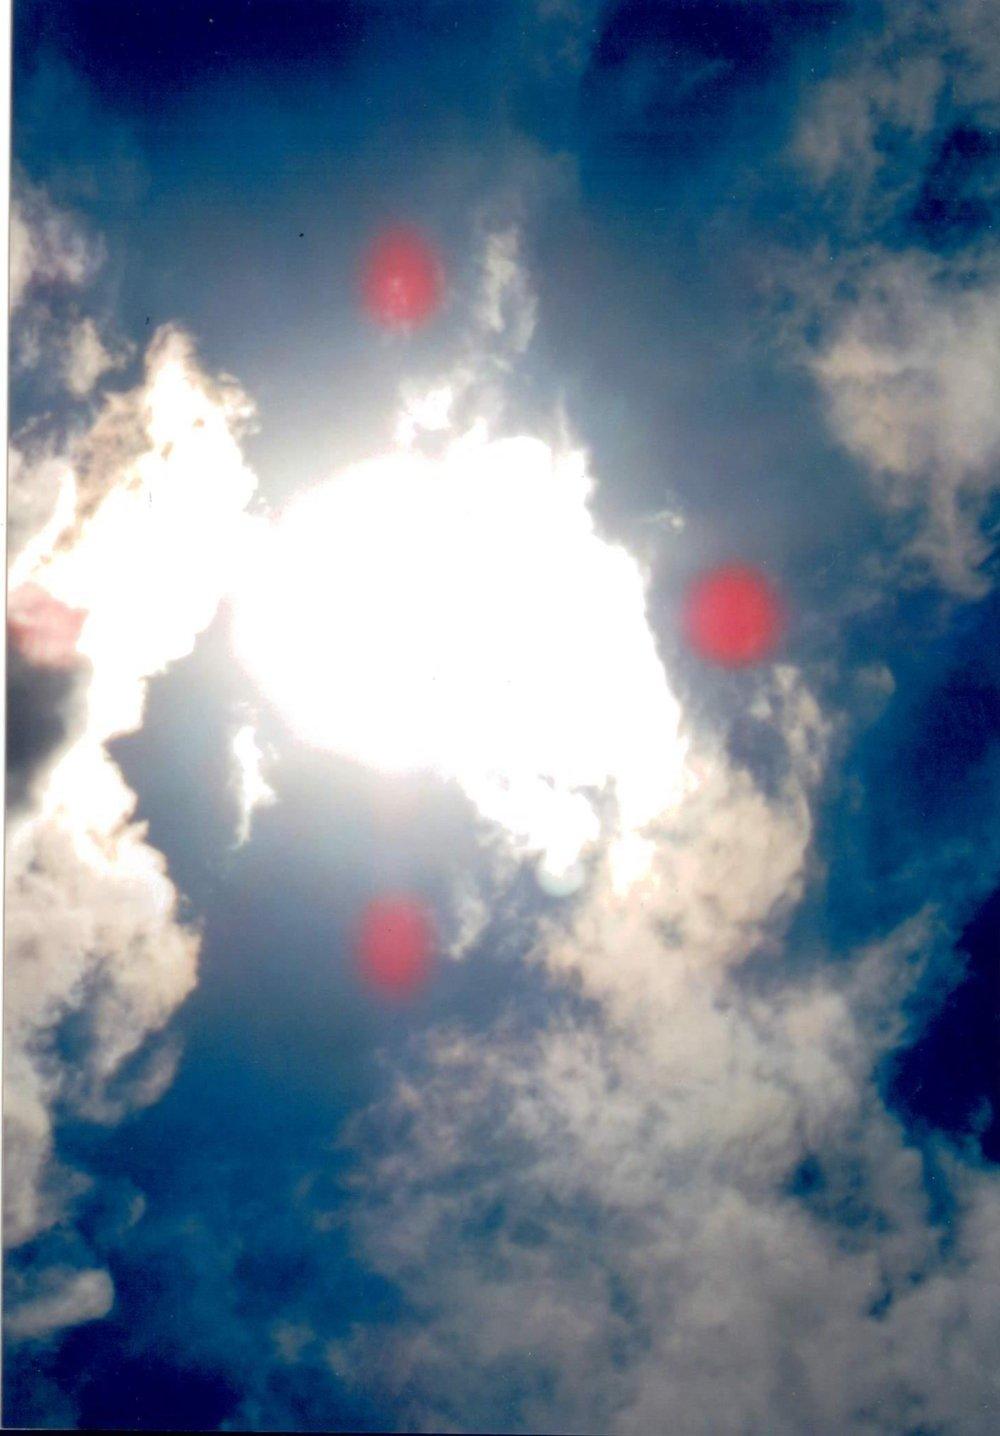 Qui in questa foto ci sono i bombardini che lavorano nelle villaggio dei Caribaldini. Fanno progeti dove vanno ha fare dispetti grandi e facando cadere le fabbricazioni fresce delle mura delle case, queste spiriti si chiamano CORRENTI. Lo spiritismo chi non lo conosce pensa che e un gioco,ma invece vi distrugge. Quando iniziate un lavoro beneditelo dicendo in nome di DIO UNIVESALE PROTEGGE E BENEDICI IL MIO LAVORO E SARETE TRANQUILLI.